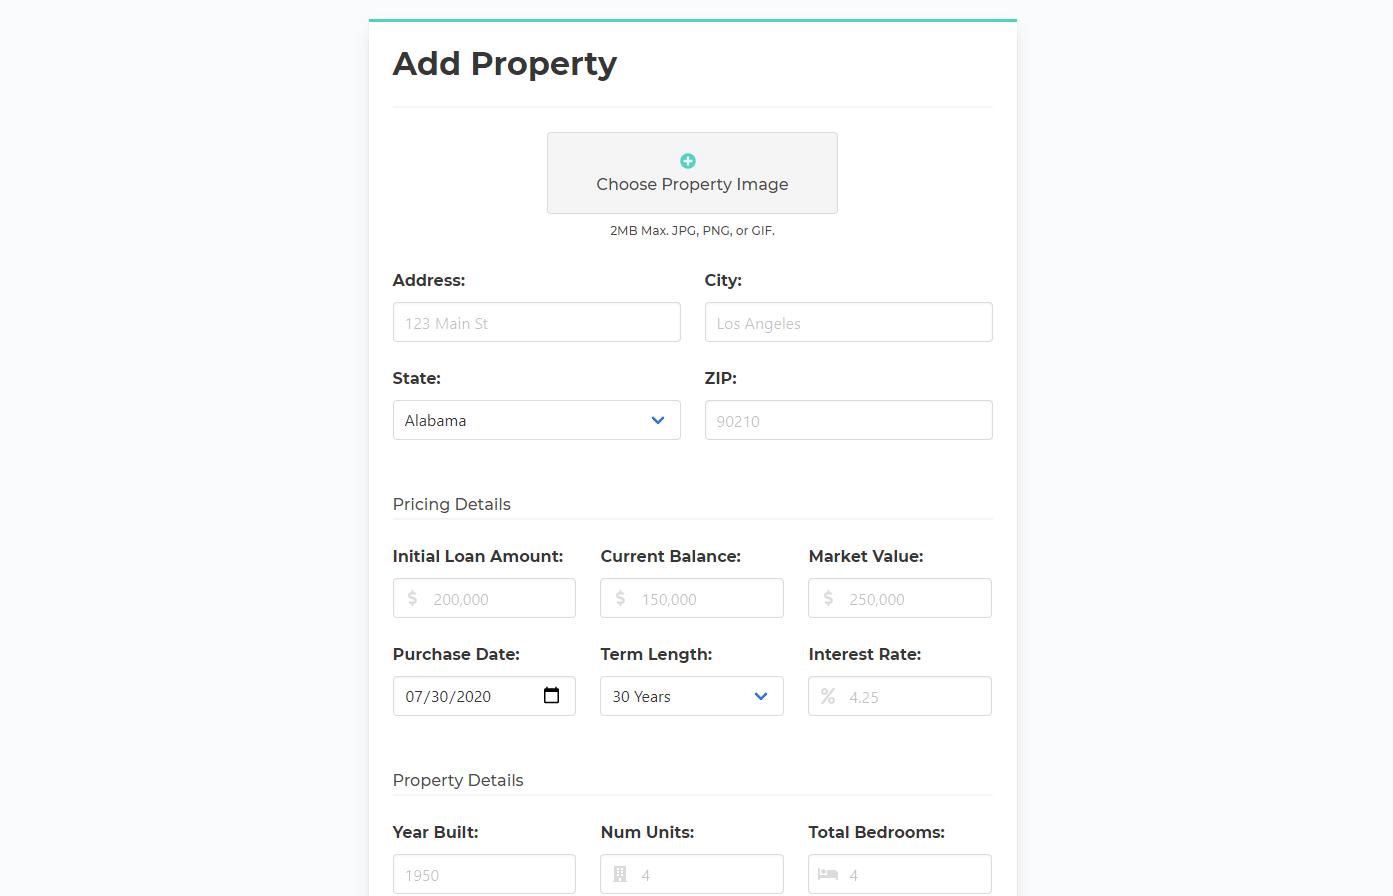 Rentastic Property Details